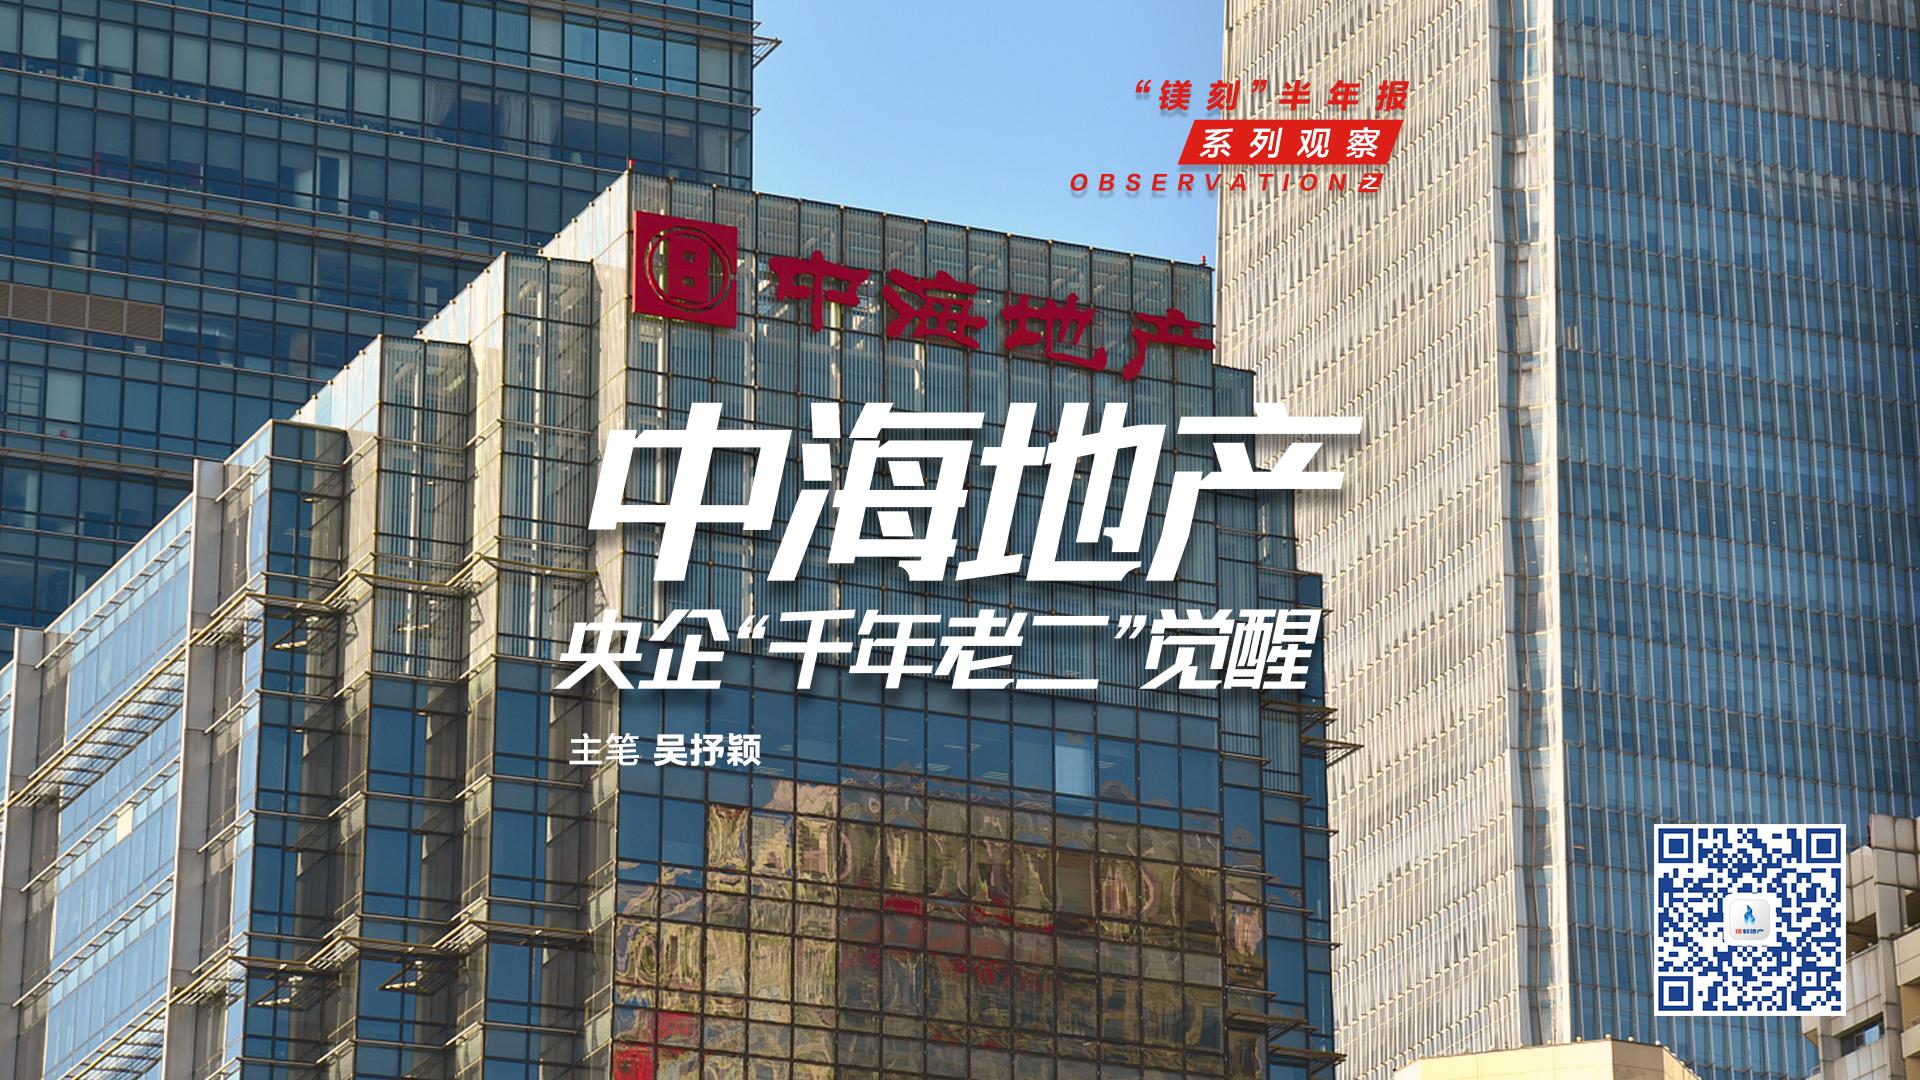 """""""镁刻""""半年报系列观察之⑥:中海地产"""